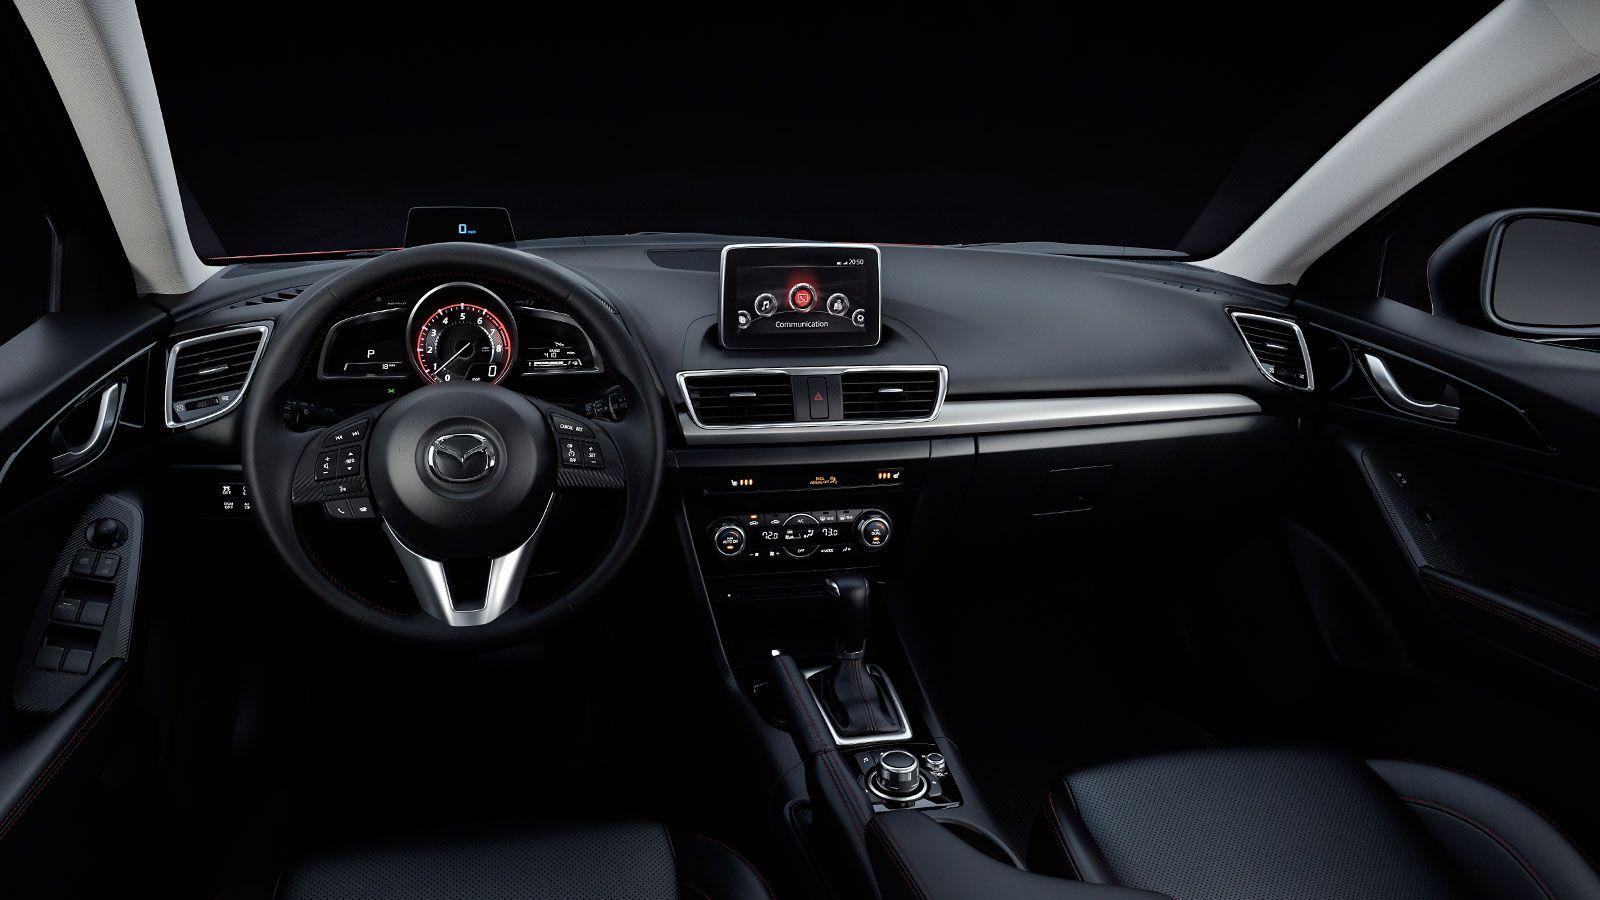 2015 Mazda 3 Sedan Fuel Efficient Compact Car Mazda Usa Mazda 3 Sedan Mazda 3 Hatchback Mazda Mazda3